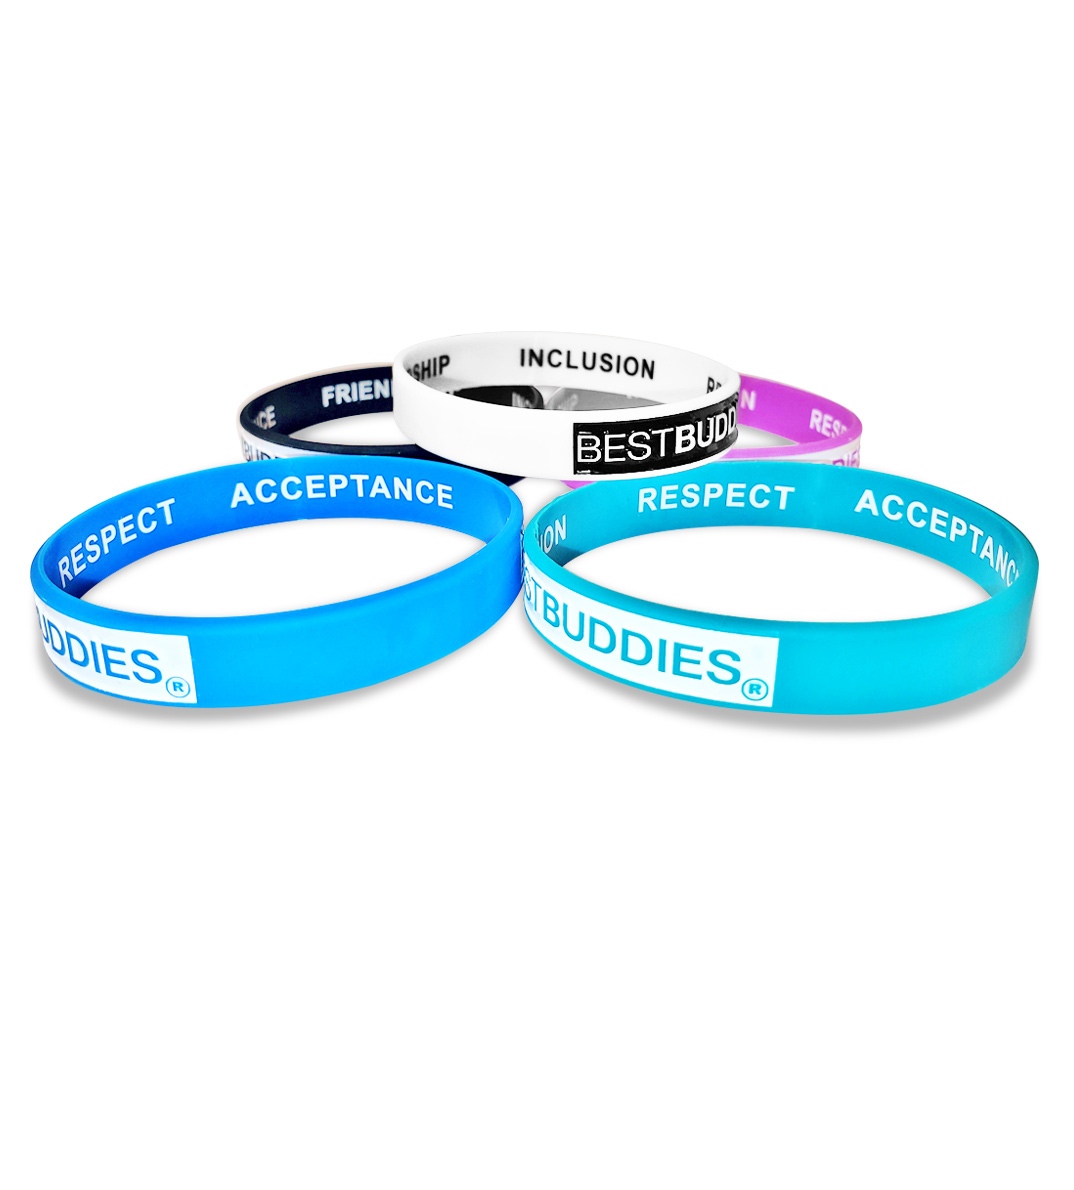 Mission Bracelets